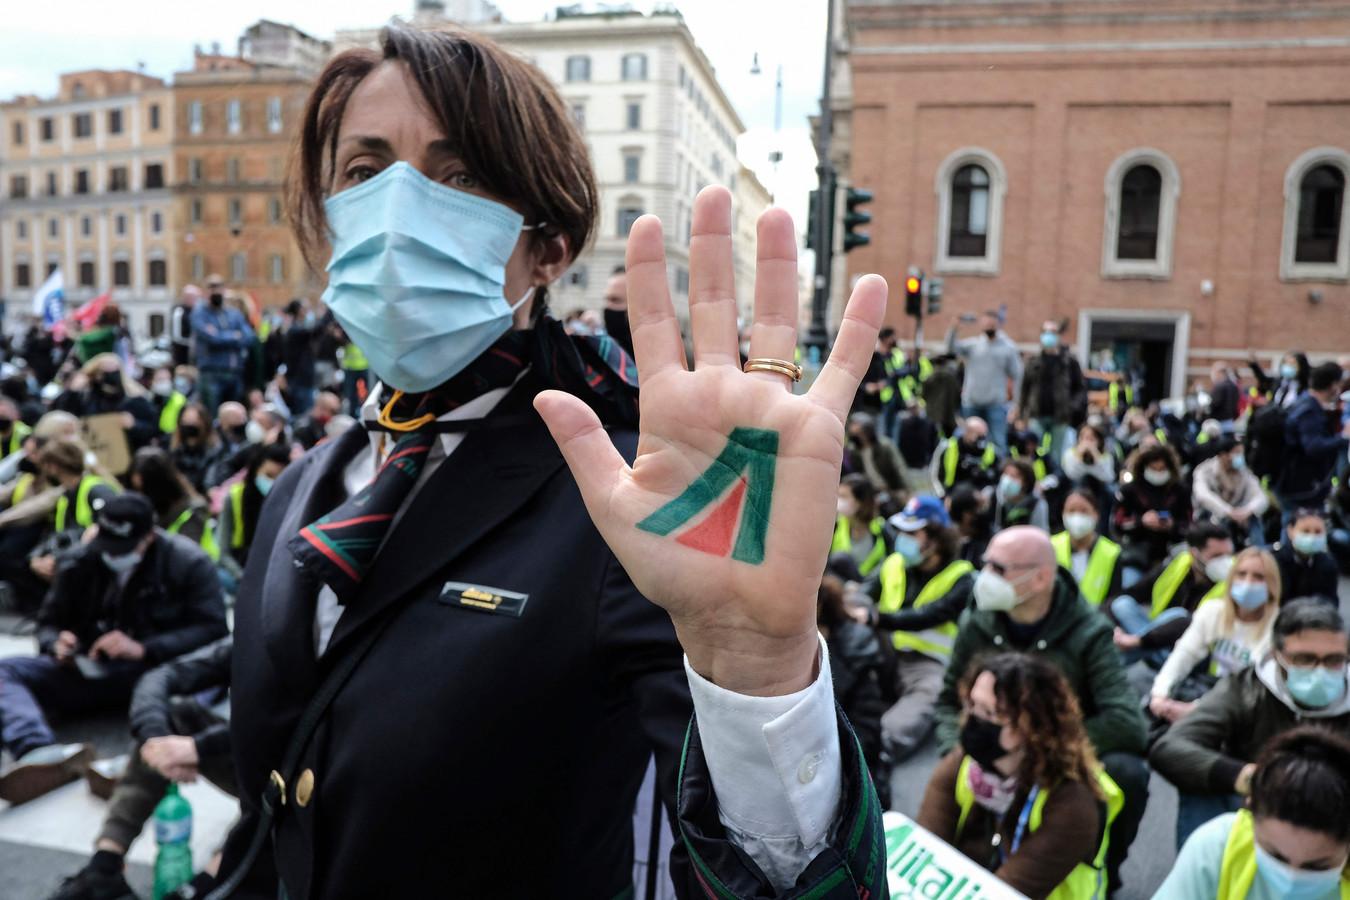 Een medewerkster van Alitalia tijdens de protestactie in Rome.